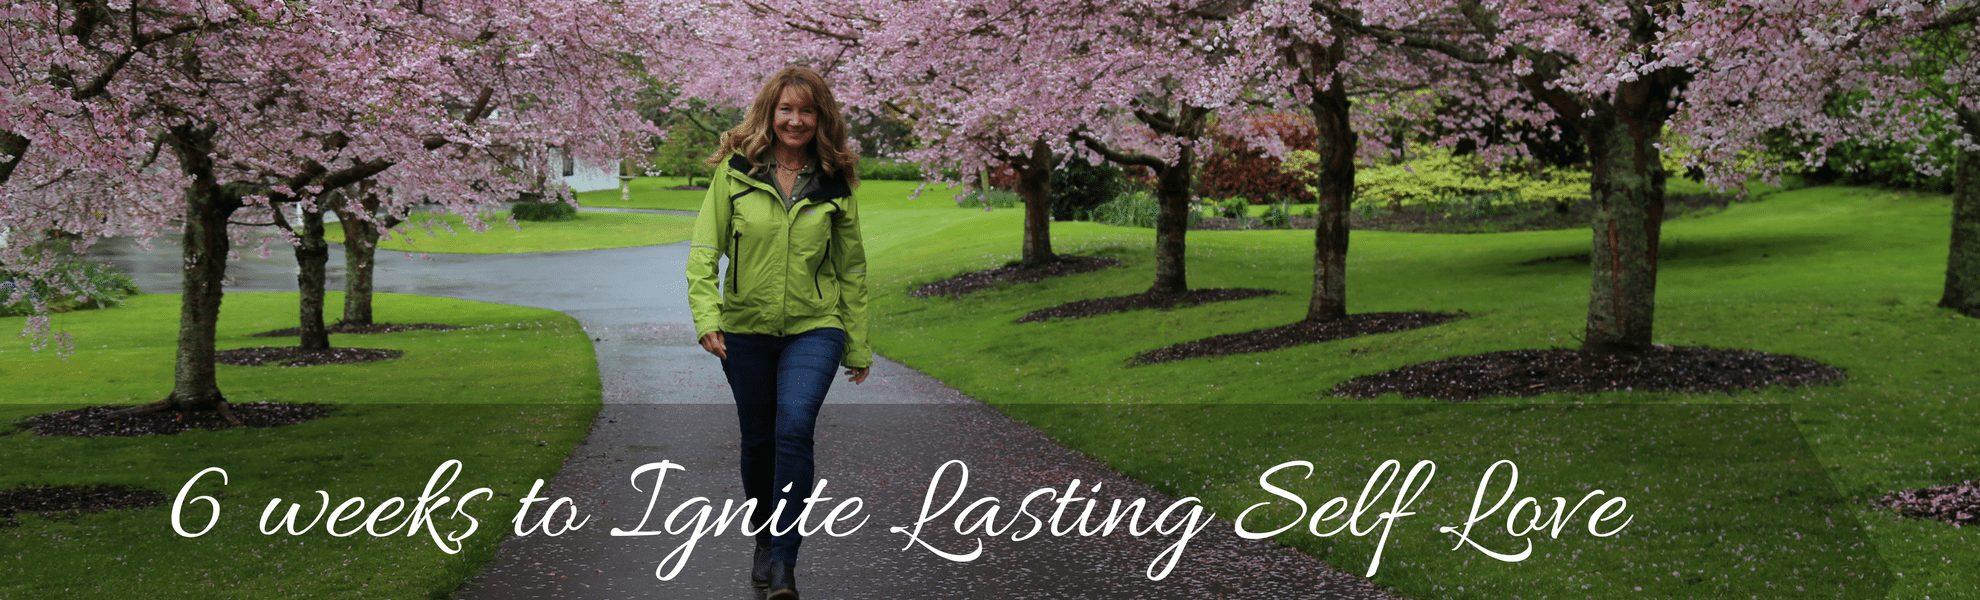 6-weeks to Ignite Lasting Self Love